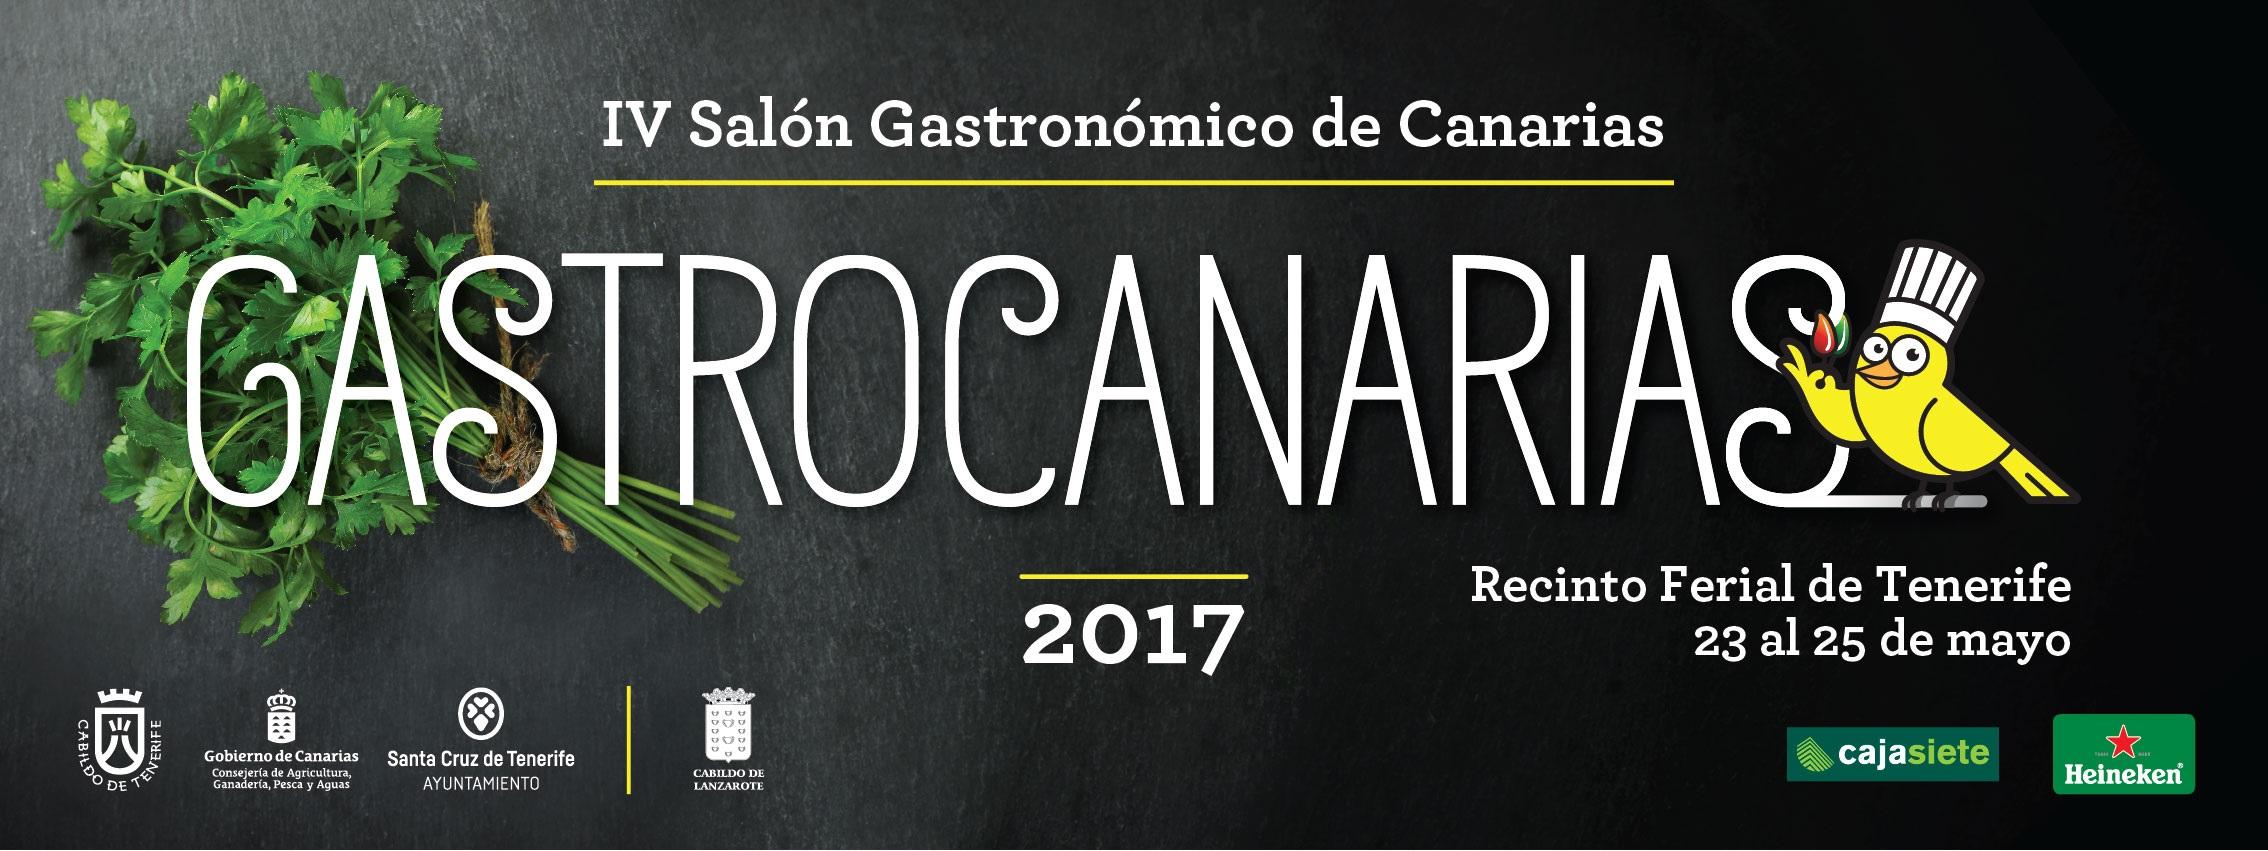 FOTO 1.- GASTROCANARIAS 2017